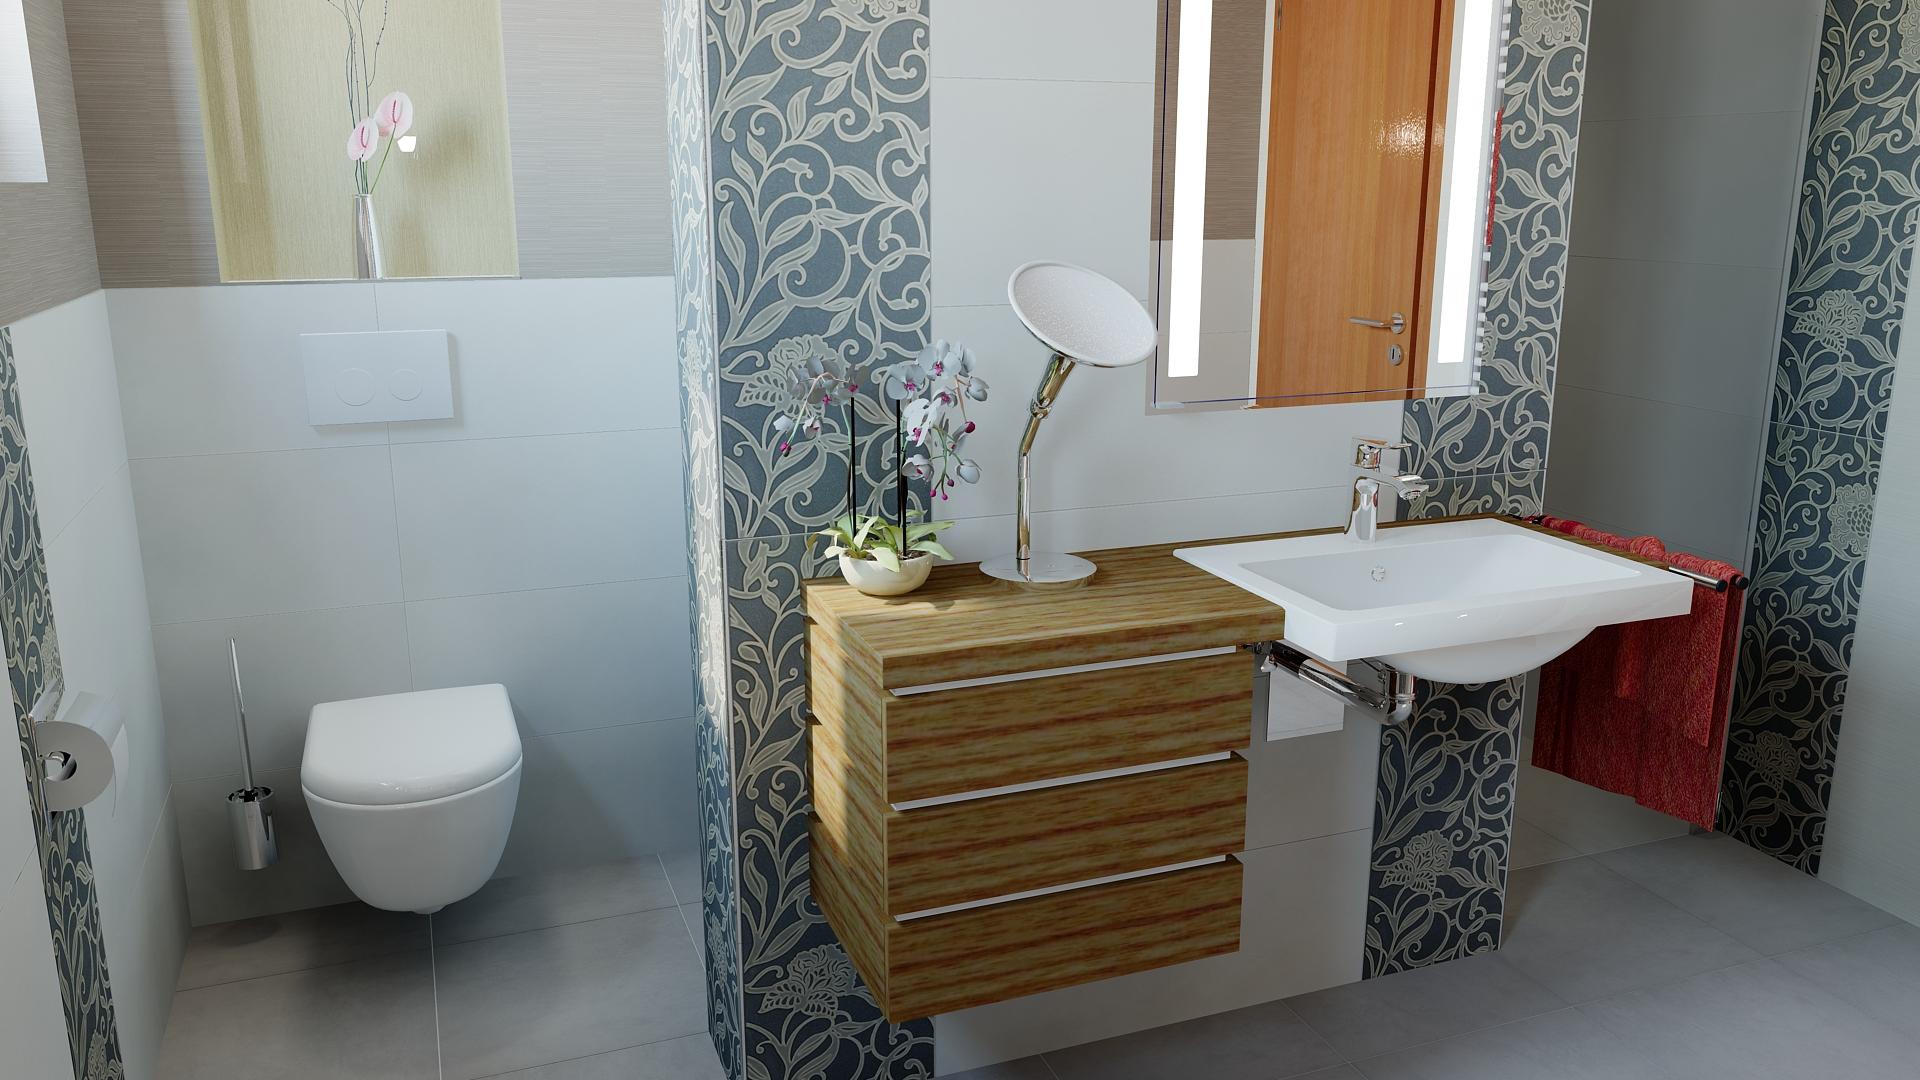 altersgerechtes bad 1 bathroom von ing fritz bissert gmbh. Black Bedroom Furniture Sets. Home Design Ideas